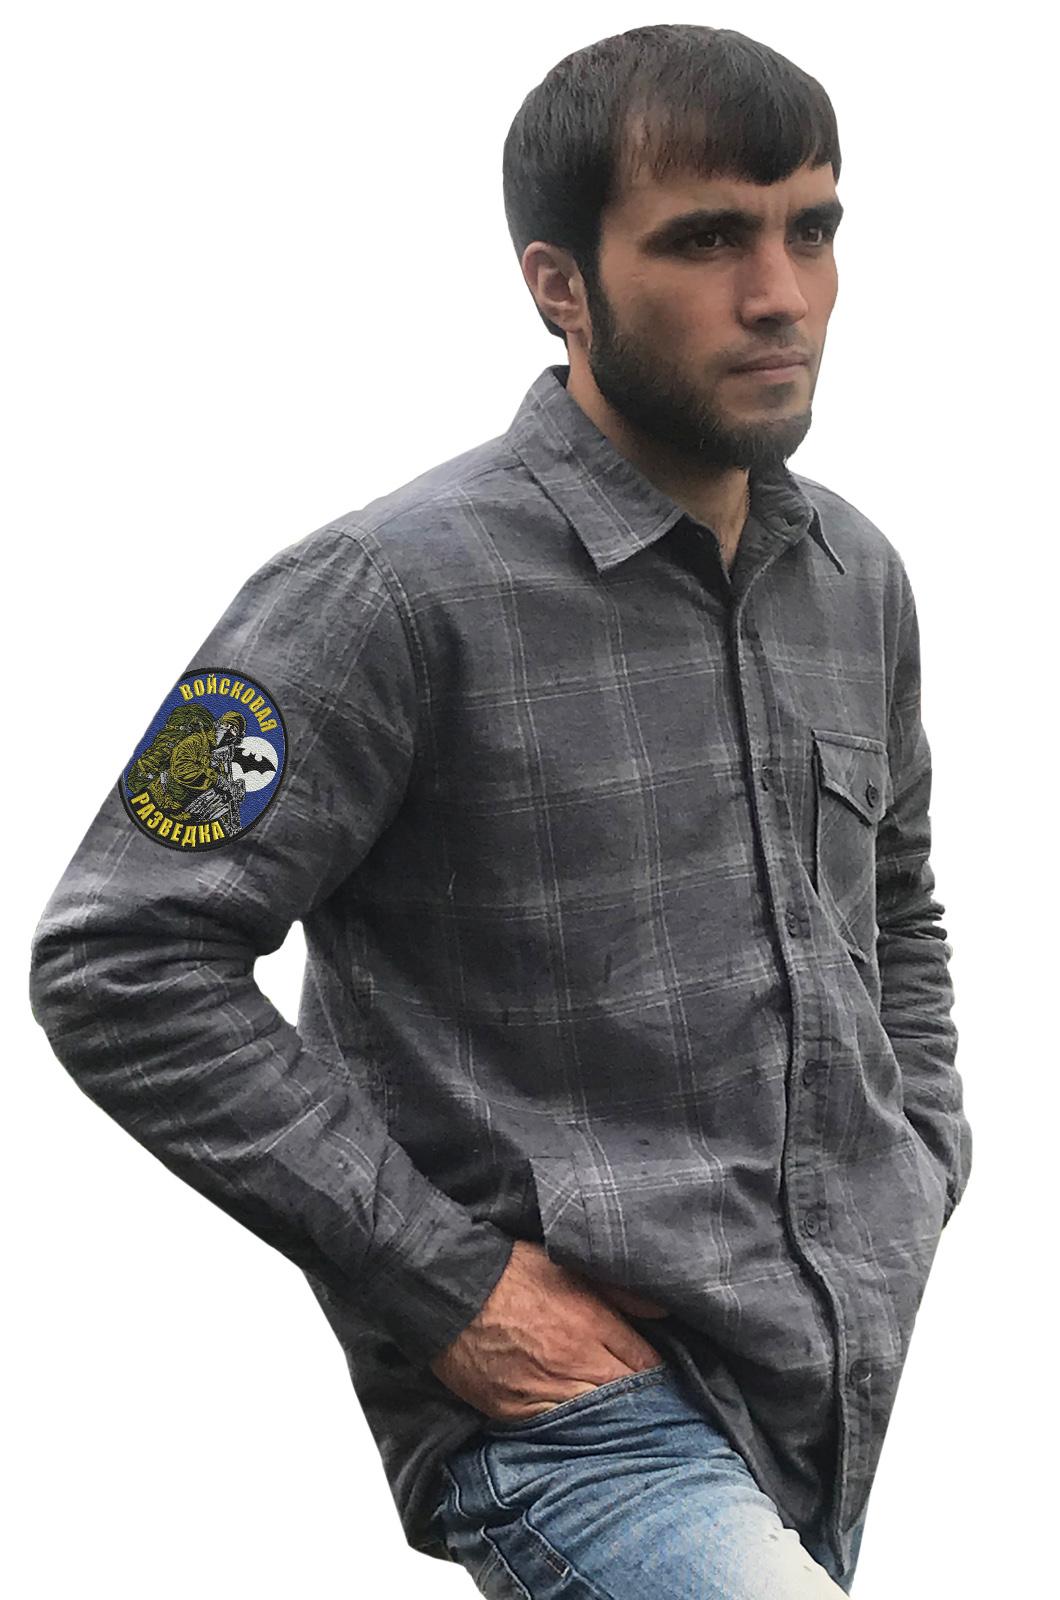 Клетчатая рубашка с шевроном Войсковой разведки